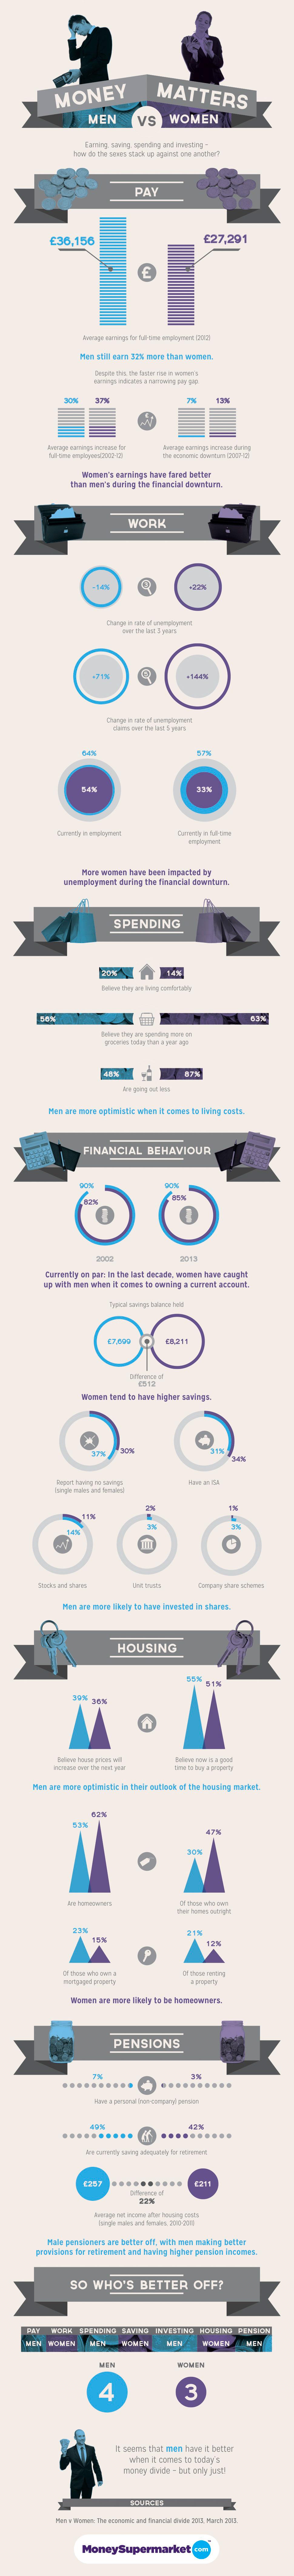 Gender Finance Divide 2013-Infographic